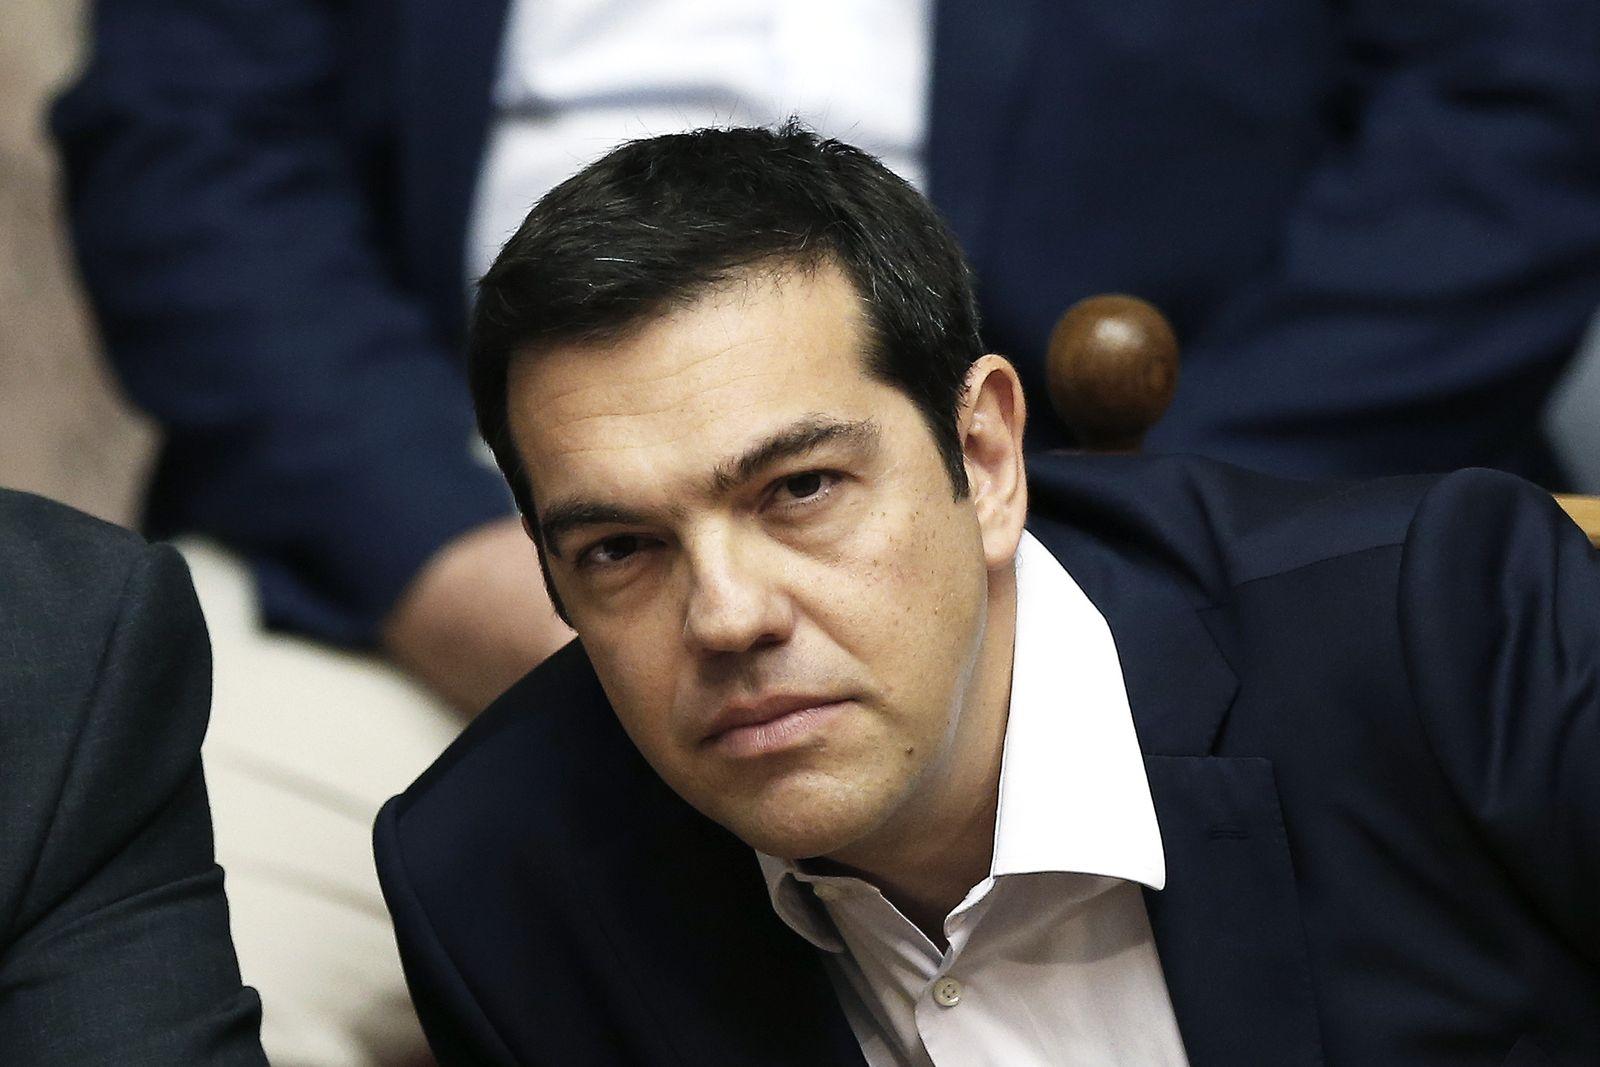 Alexia Tsipras